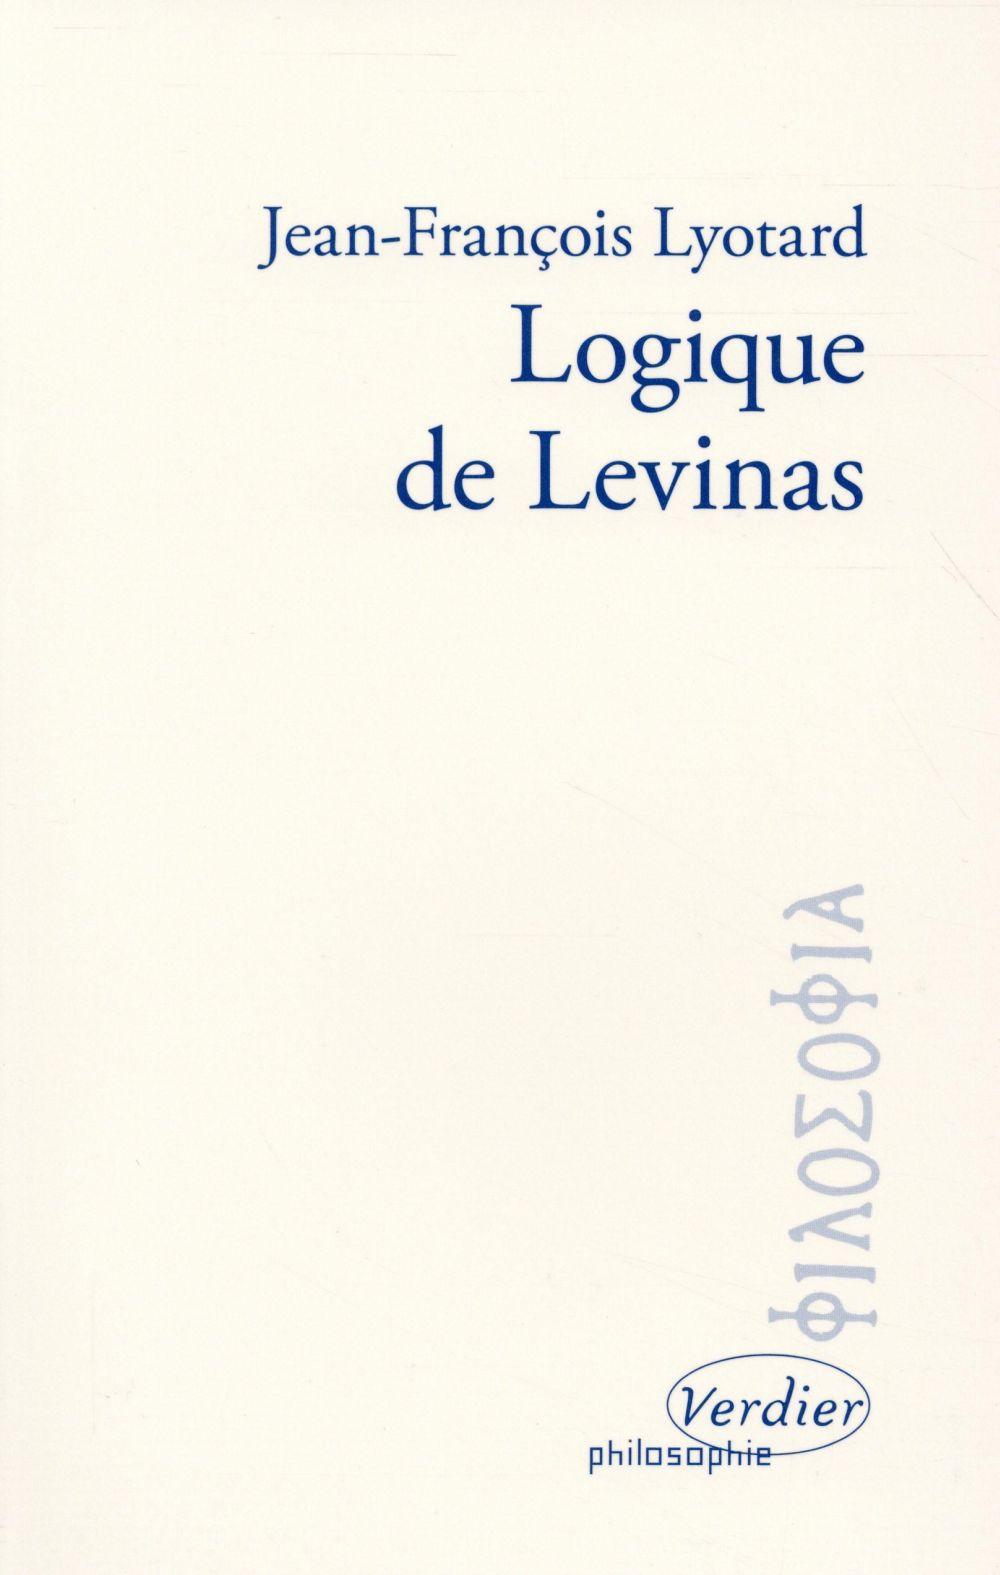 Logique de Levinas